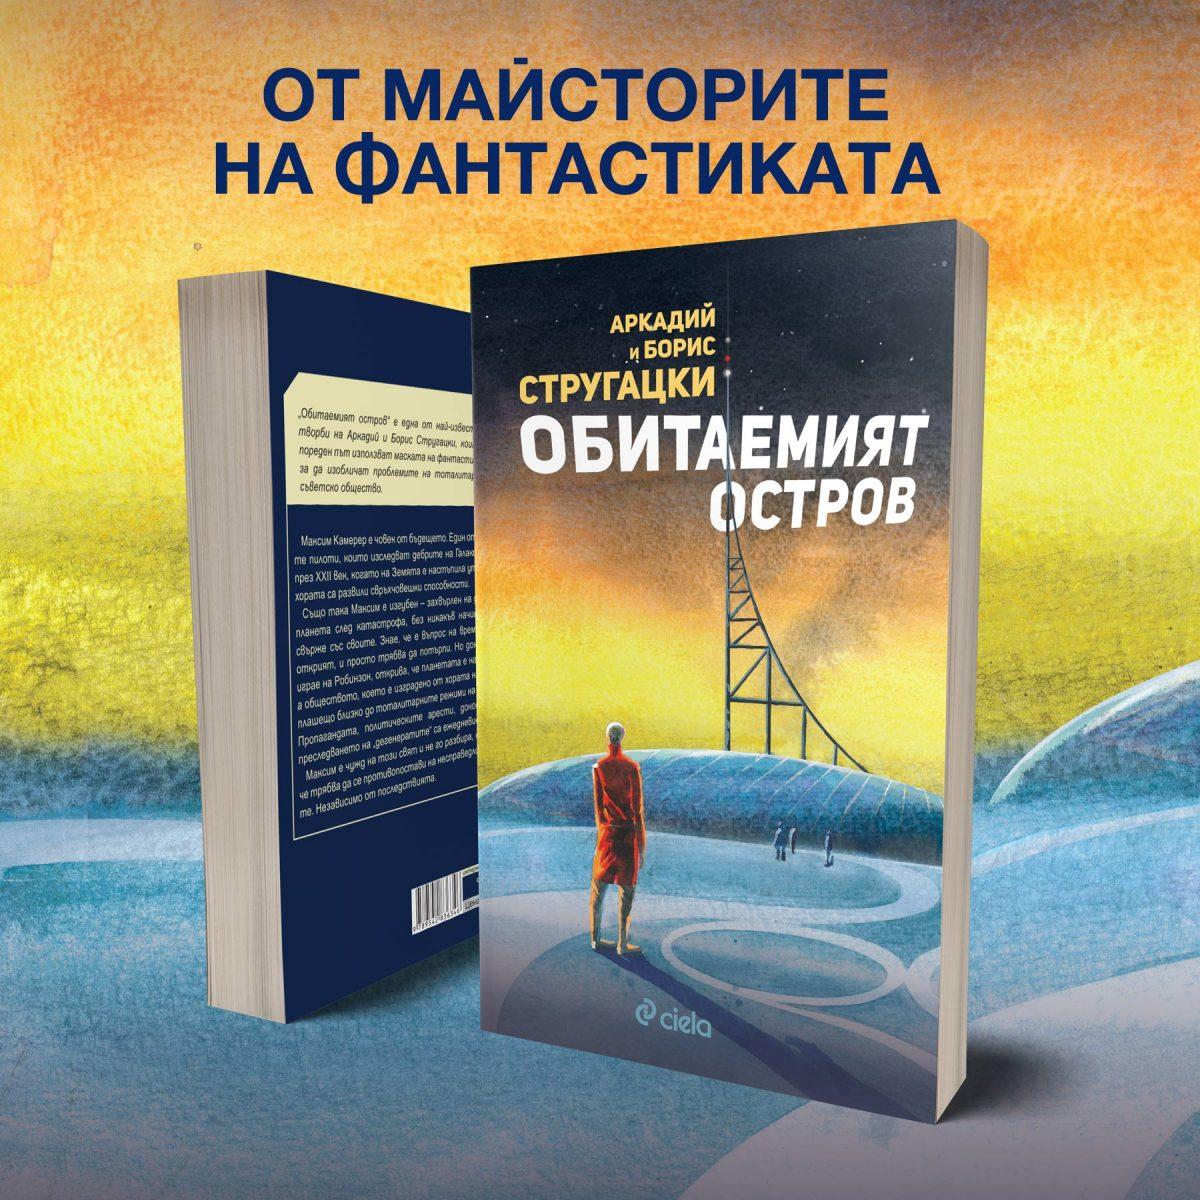 Обитаемият остров (корица)